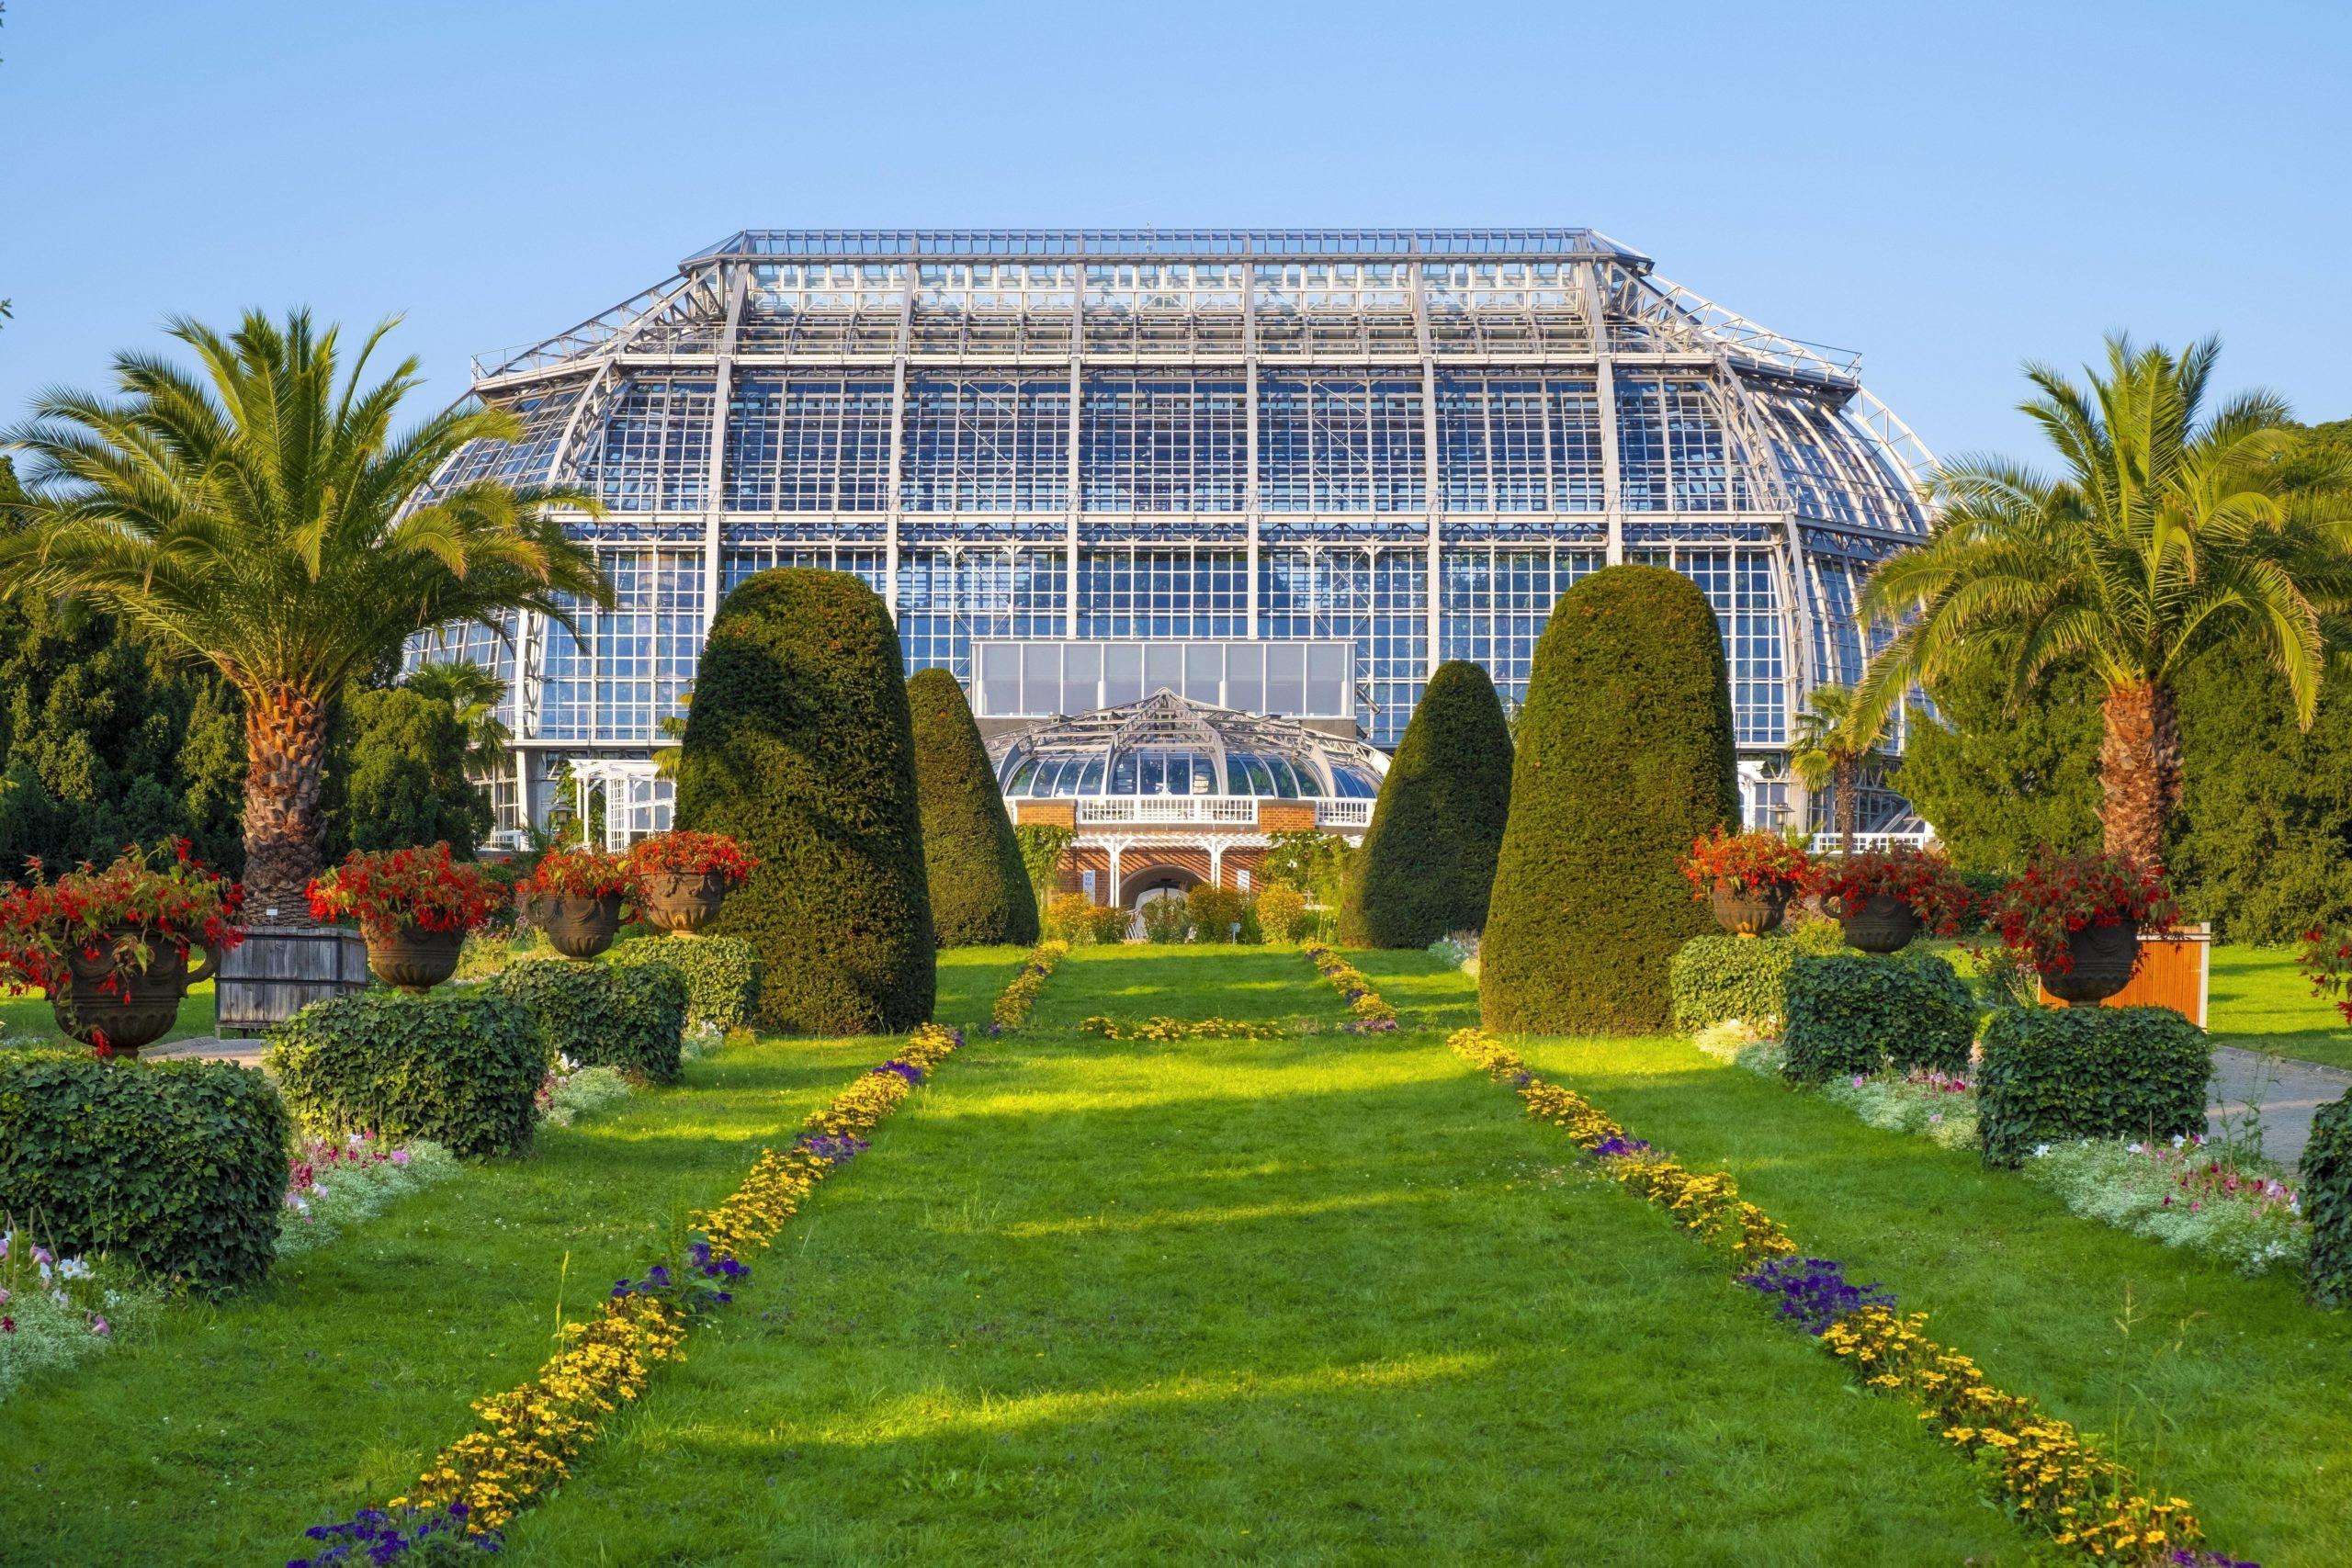 Der tolle Blick auf die riesigen Gewächshäuser im Botanischen Garten Dahlem. Foto: imago images/BE&W